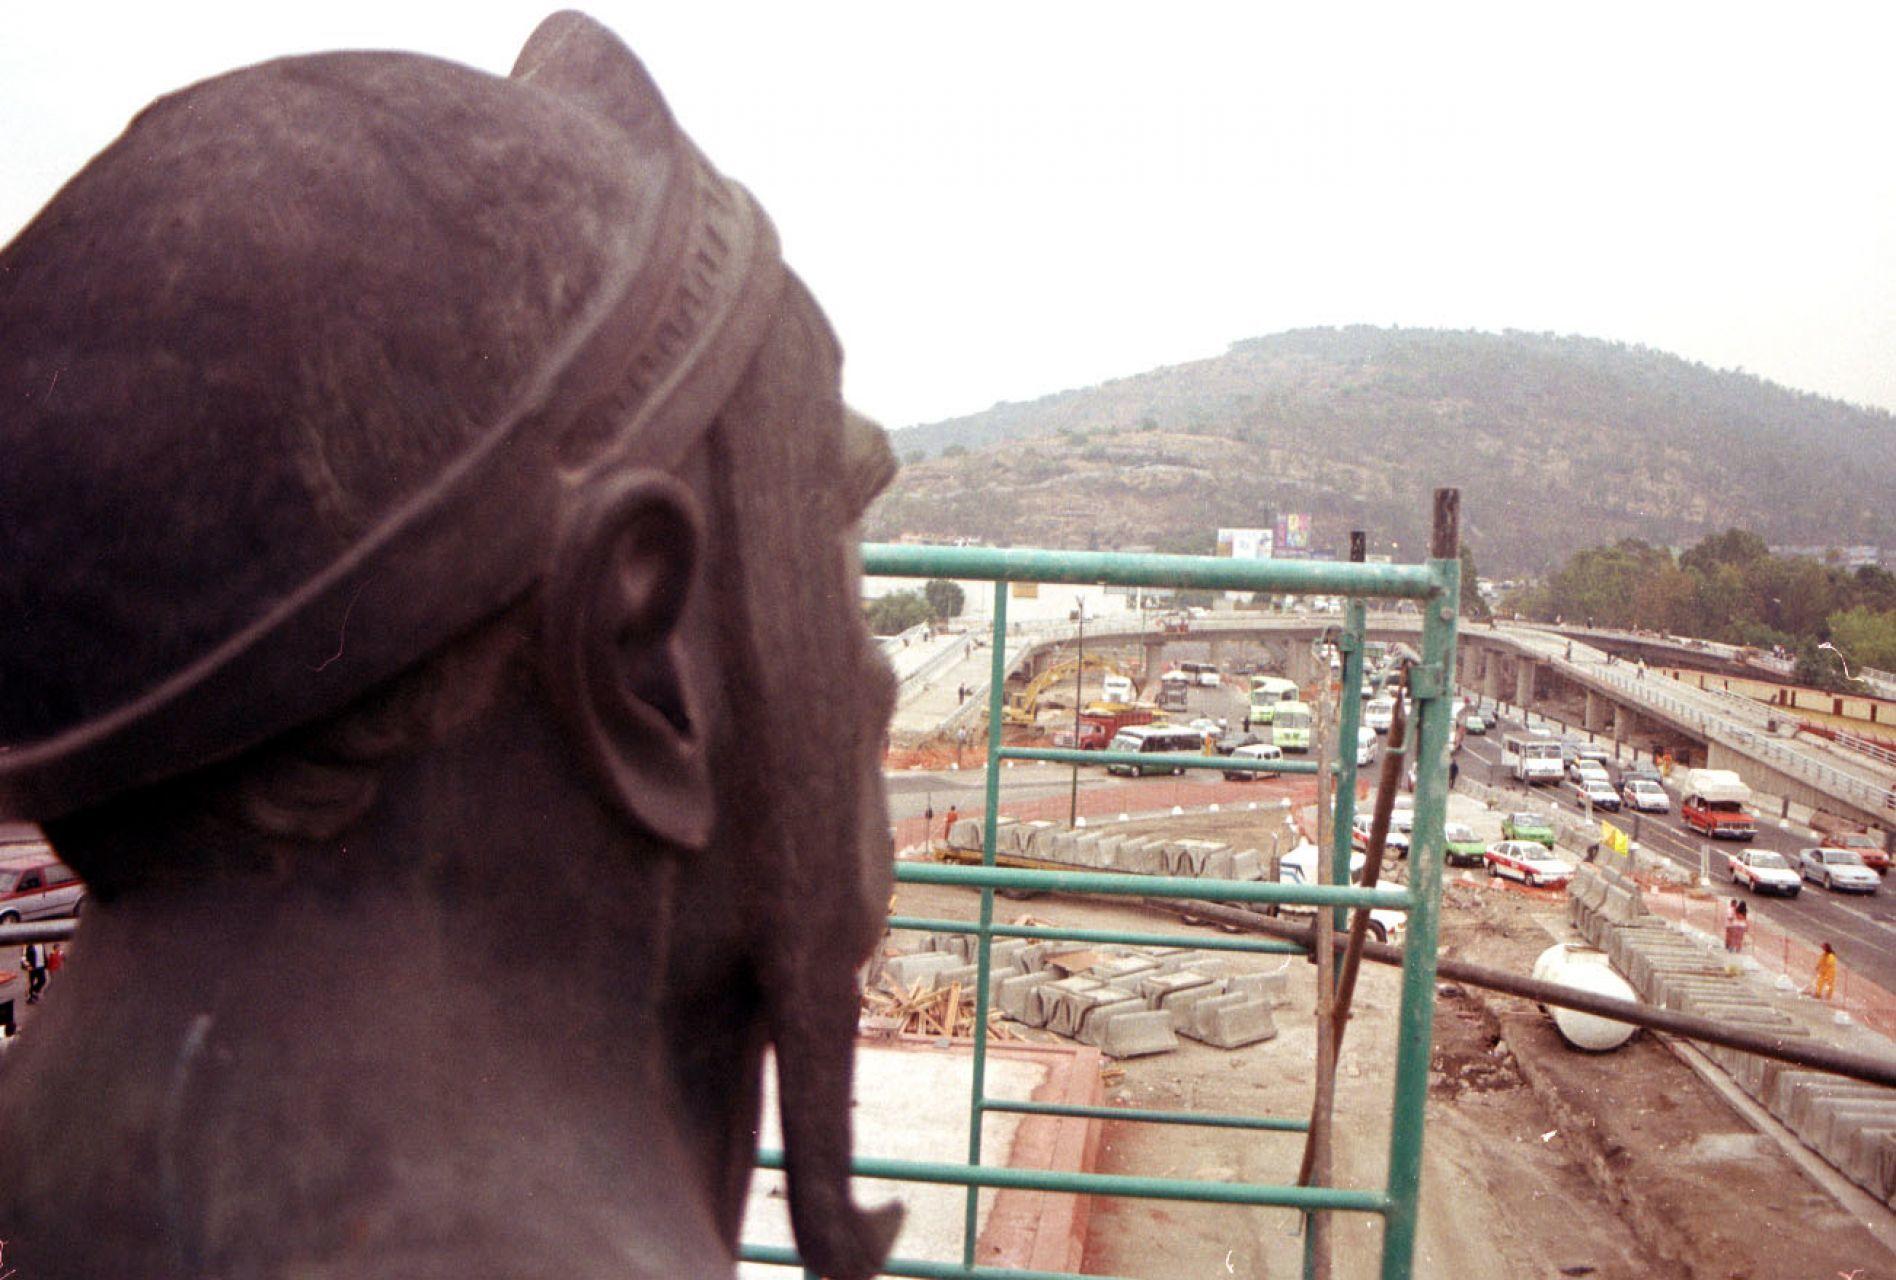 MEXICO, D.F. 14MAYO2005.- La estatua de los Indios Verdes que se encuentran en Insurgentes norte serán removidas por las obras del metrobus.FOTO: Arturo Juárez/CUARTOSCURO.COM